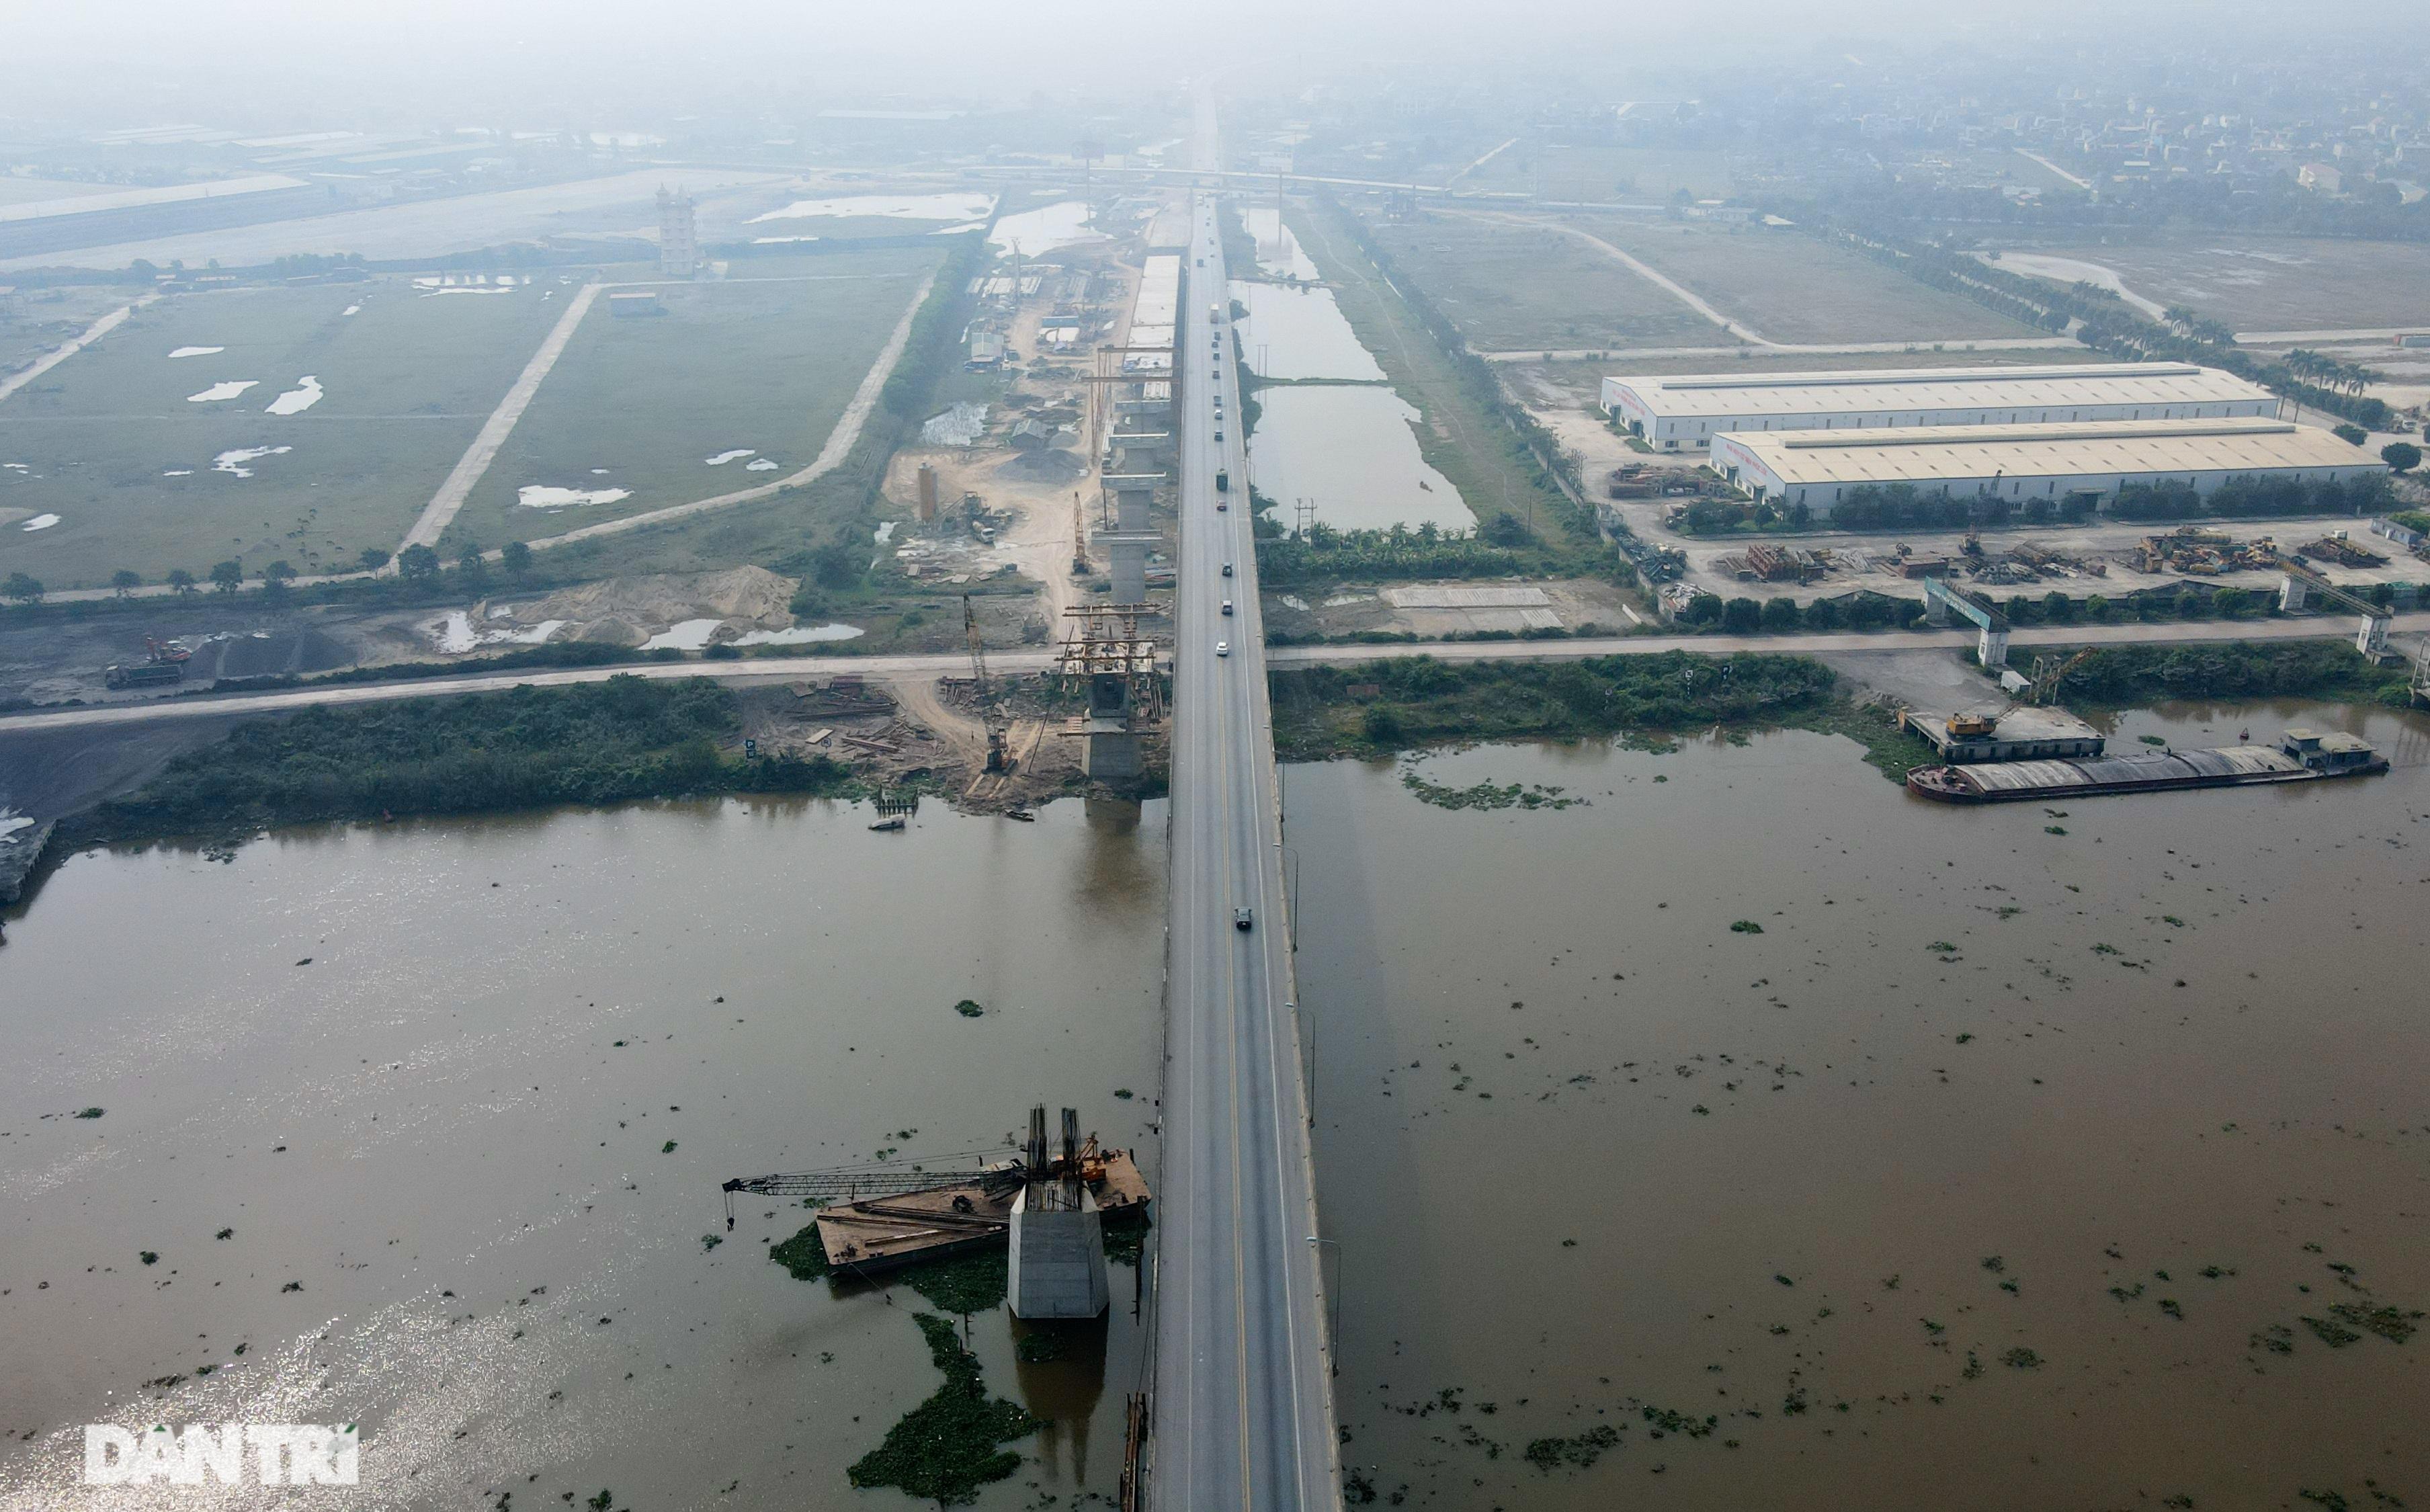 Tuyến cao tốc Ninh Bình - Thanh Hóa 12 nghìn tỷ đồng đang dần hình thành - 2